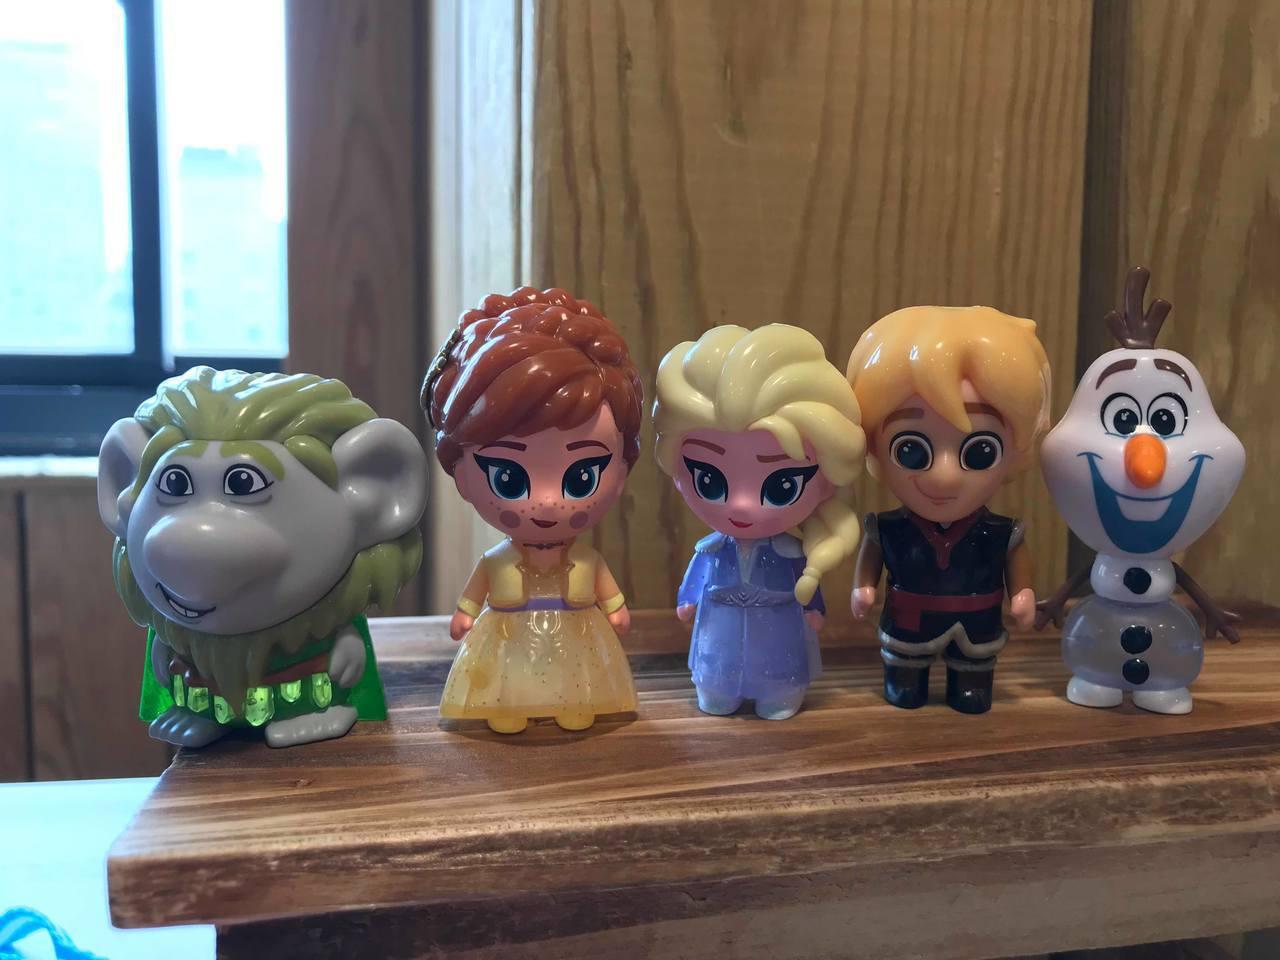 「冰雪奇緣2」發光公仔系列,全家便利商店12月11日正式開賣,共10款,每款售價...